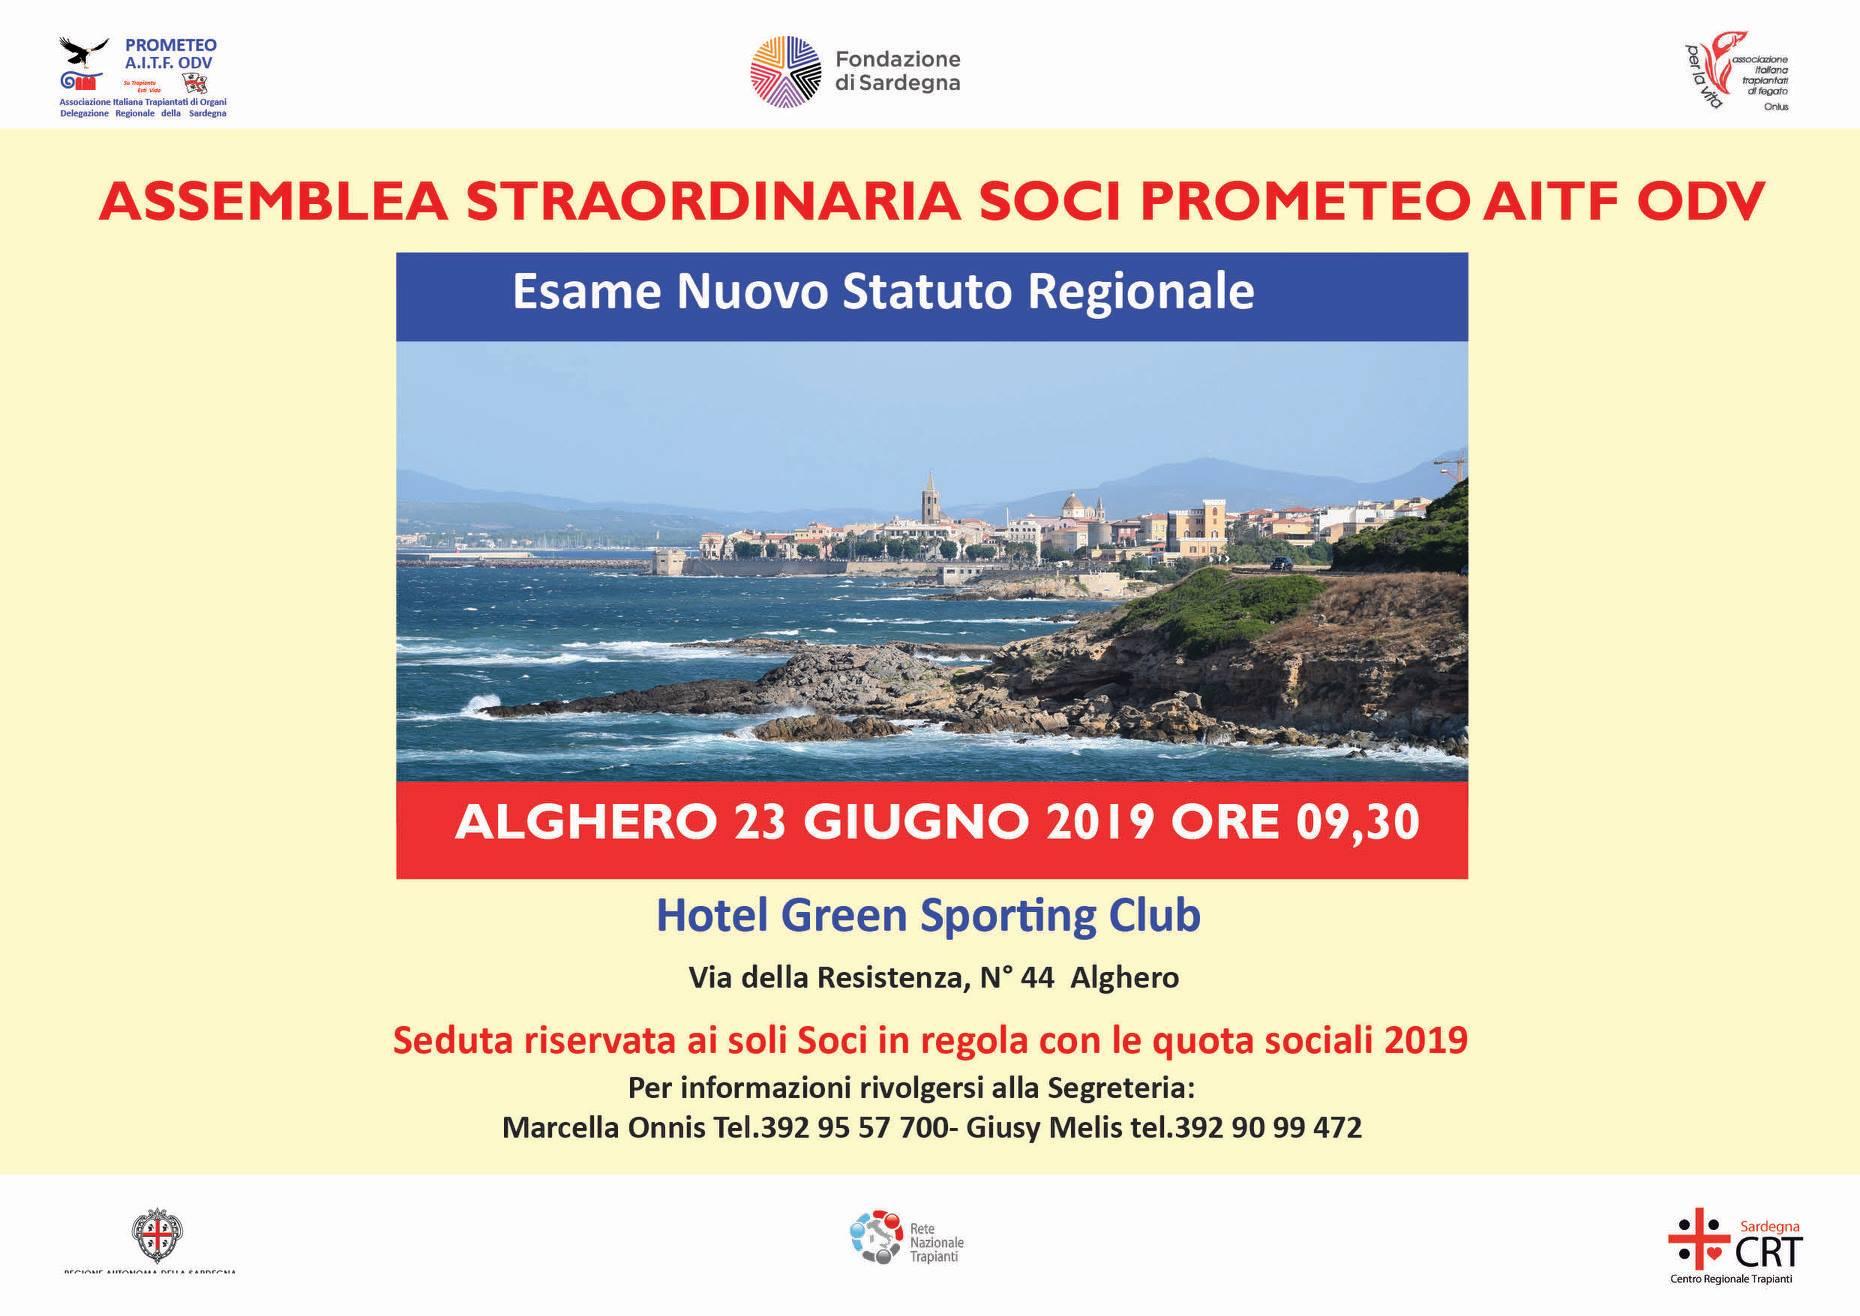 AD ALGHERO L'ASSEMBLEA STRAORDINARIA DEI SOCI DELLA PROMETEO